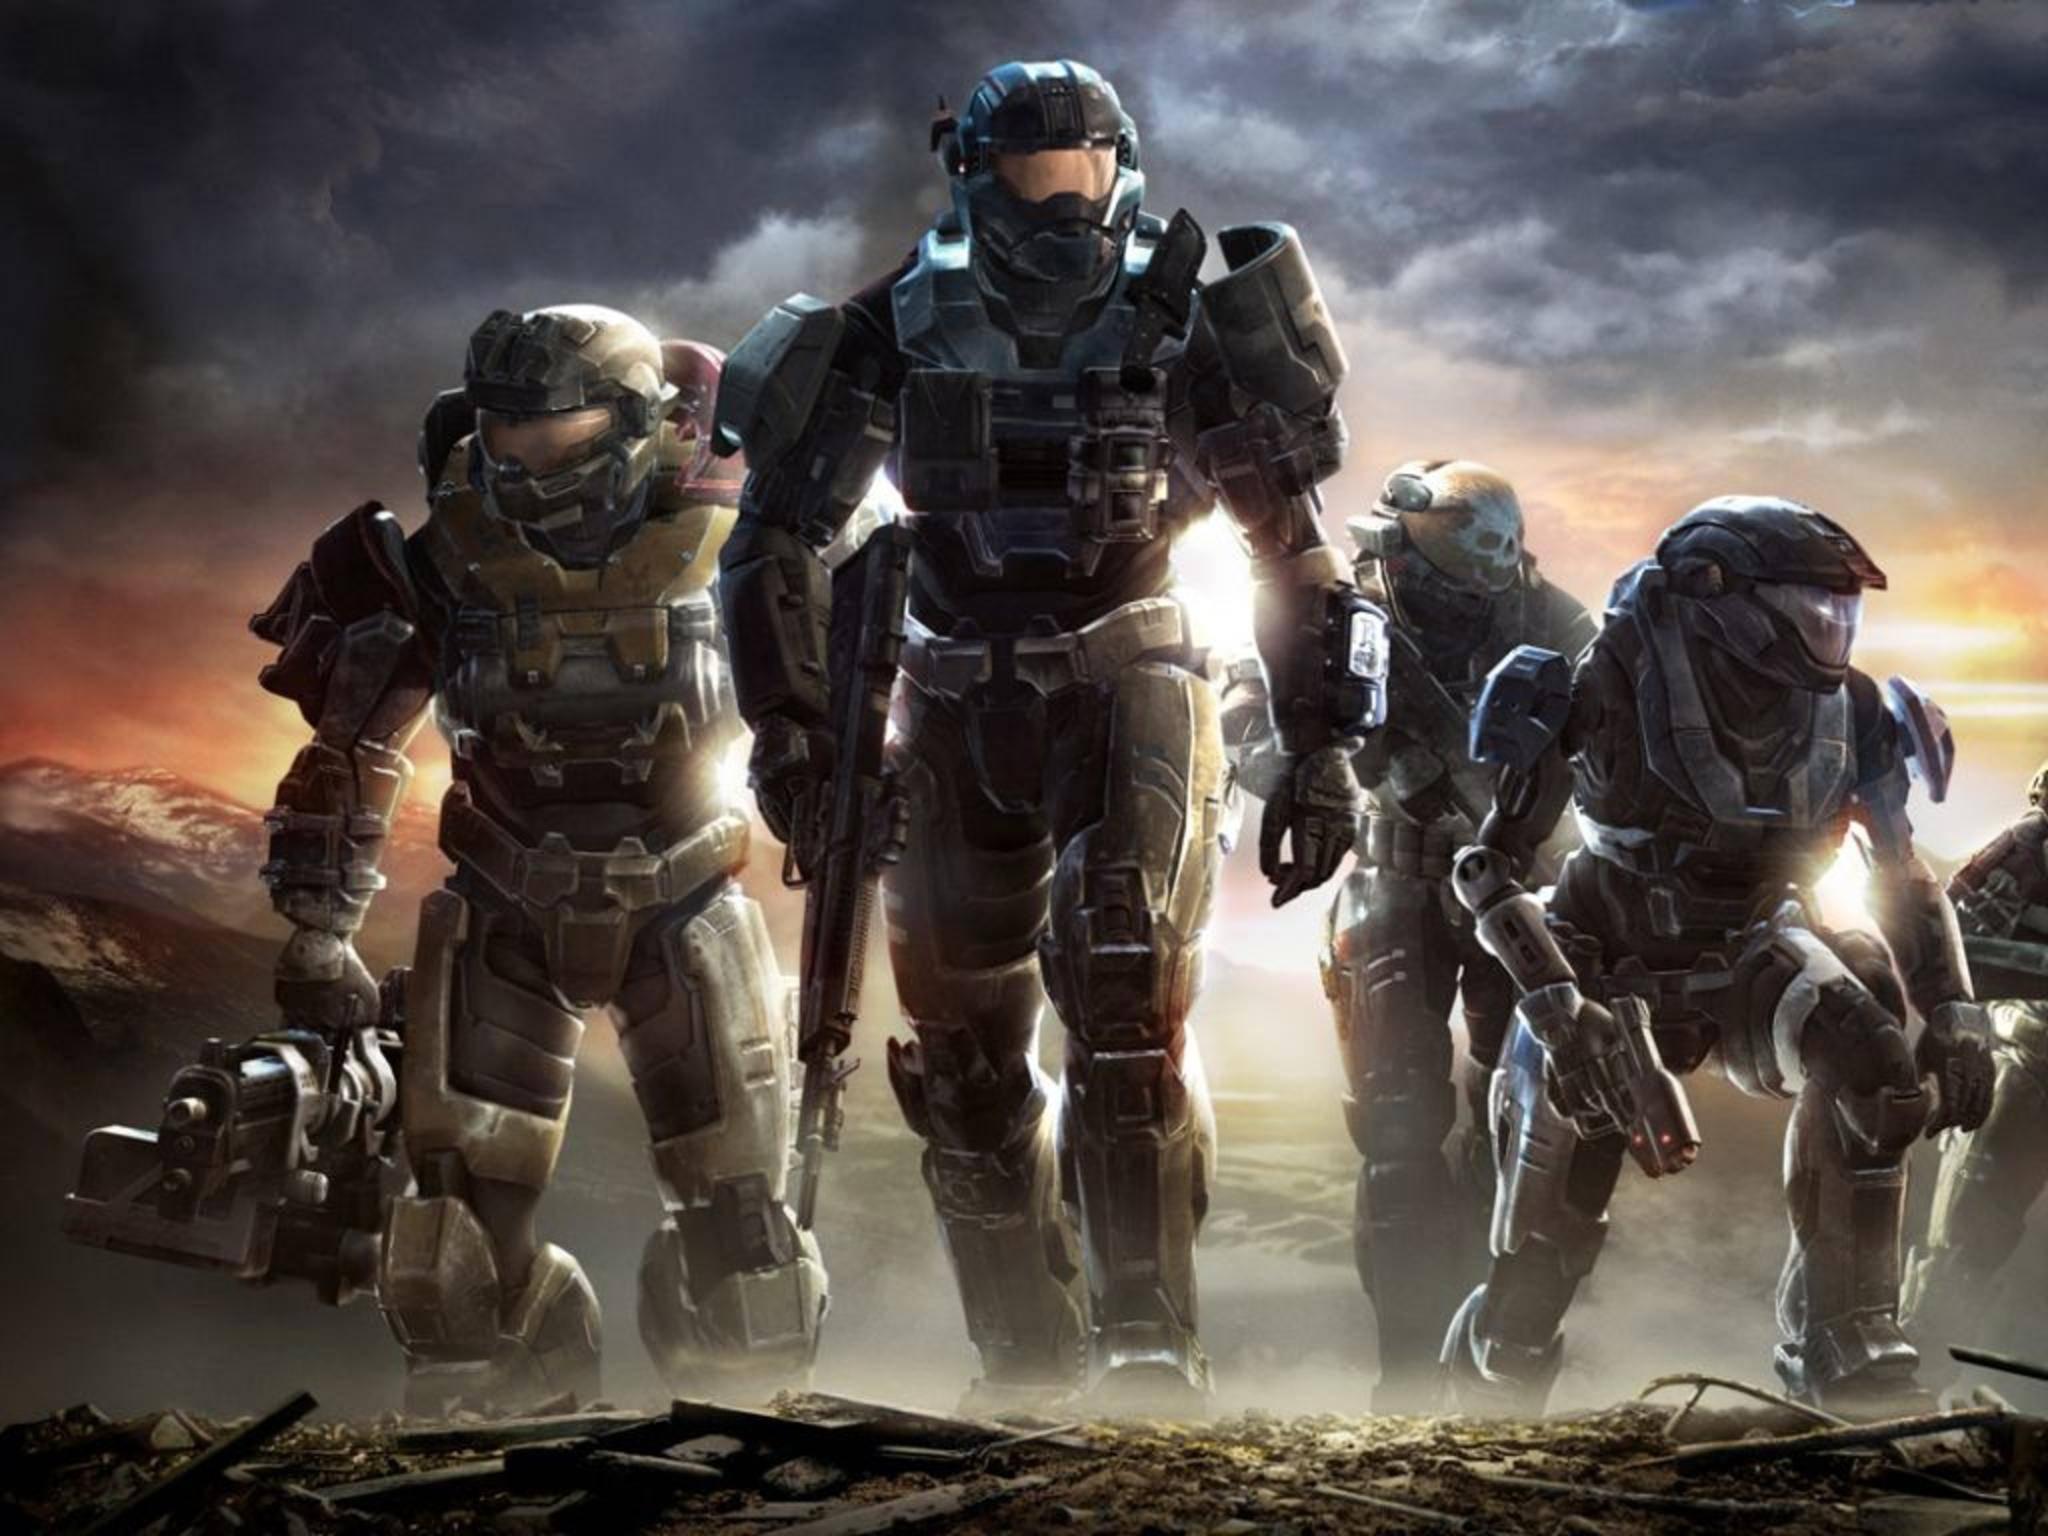 Die Liste mit Spielen für die Xbox 360, die sich auch auf der Xbox One spielen lassen, wird immer länger.